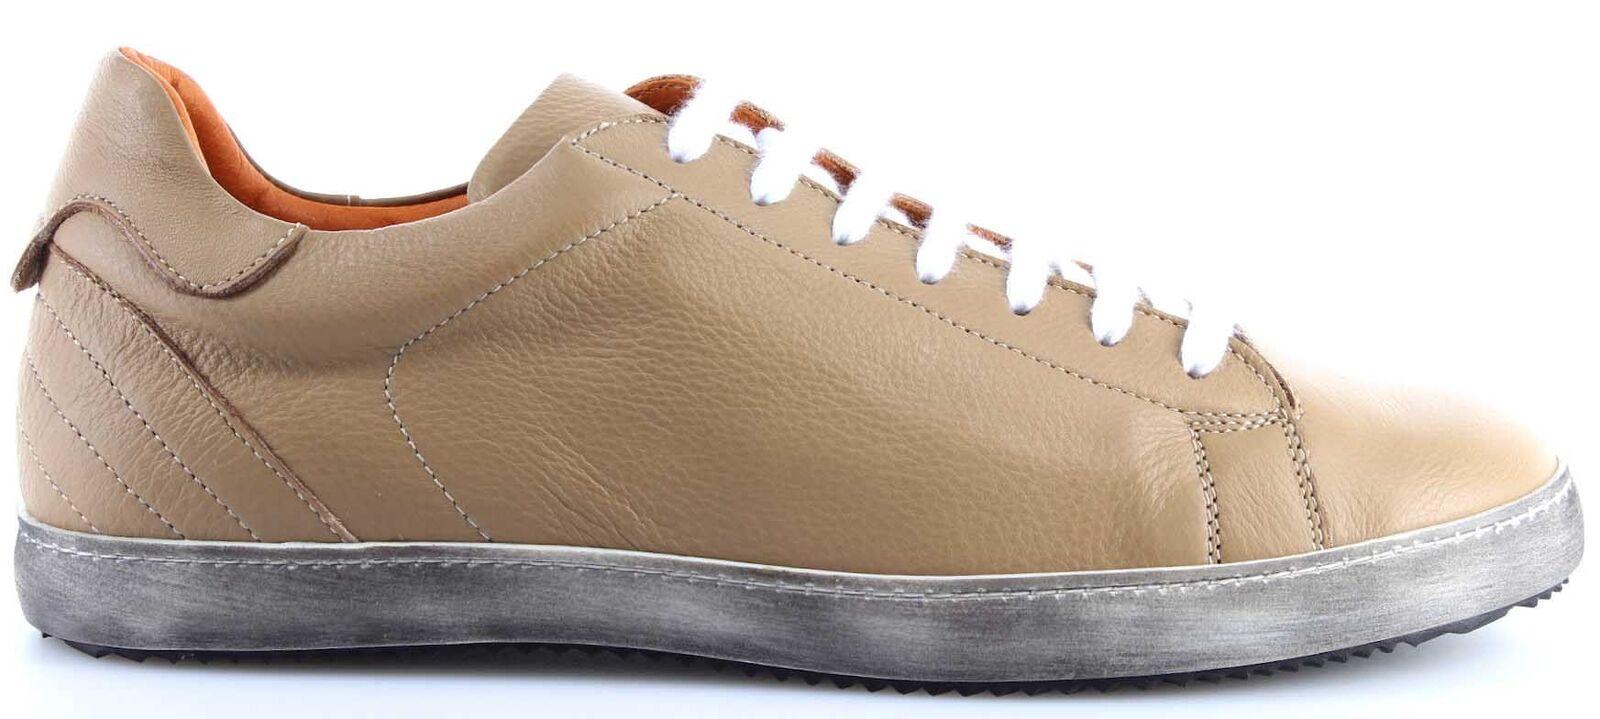 Uomo Scarpe scarpe da ginnastica  VERSACE VJC Jeans Couture Leather Beige Vintage Made   vieni a scegliere il tuo stile sportivo